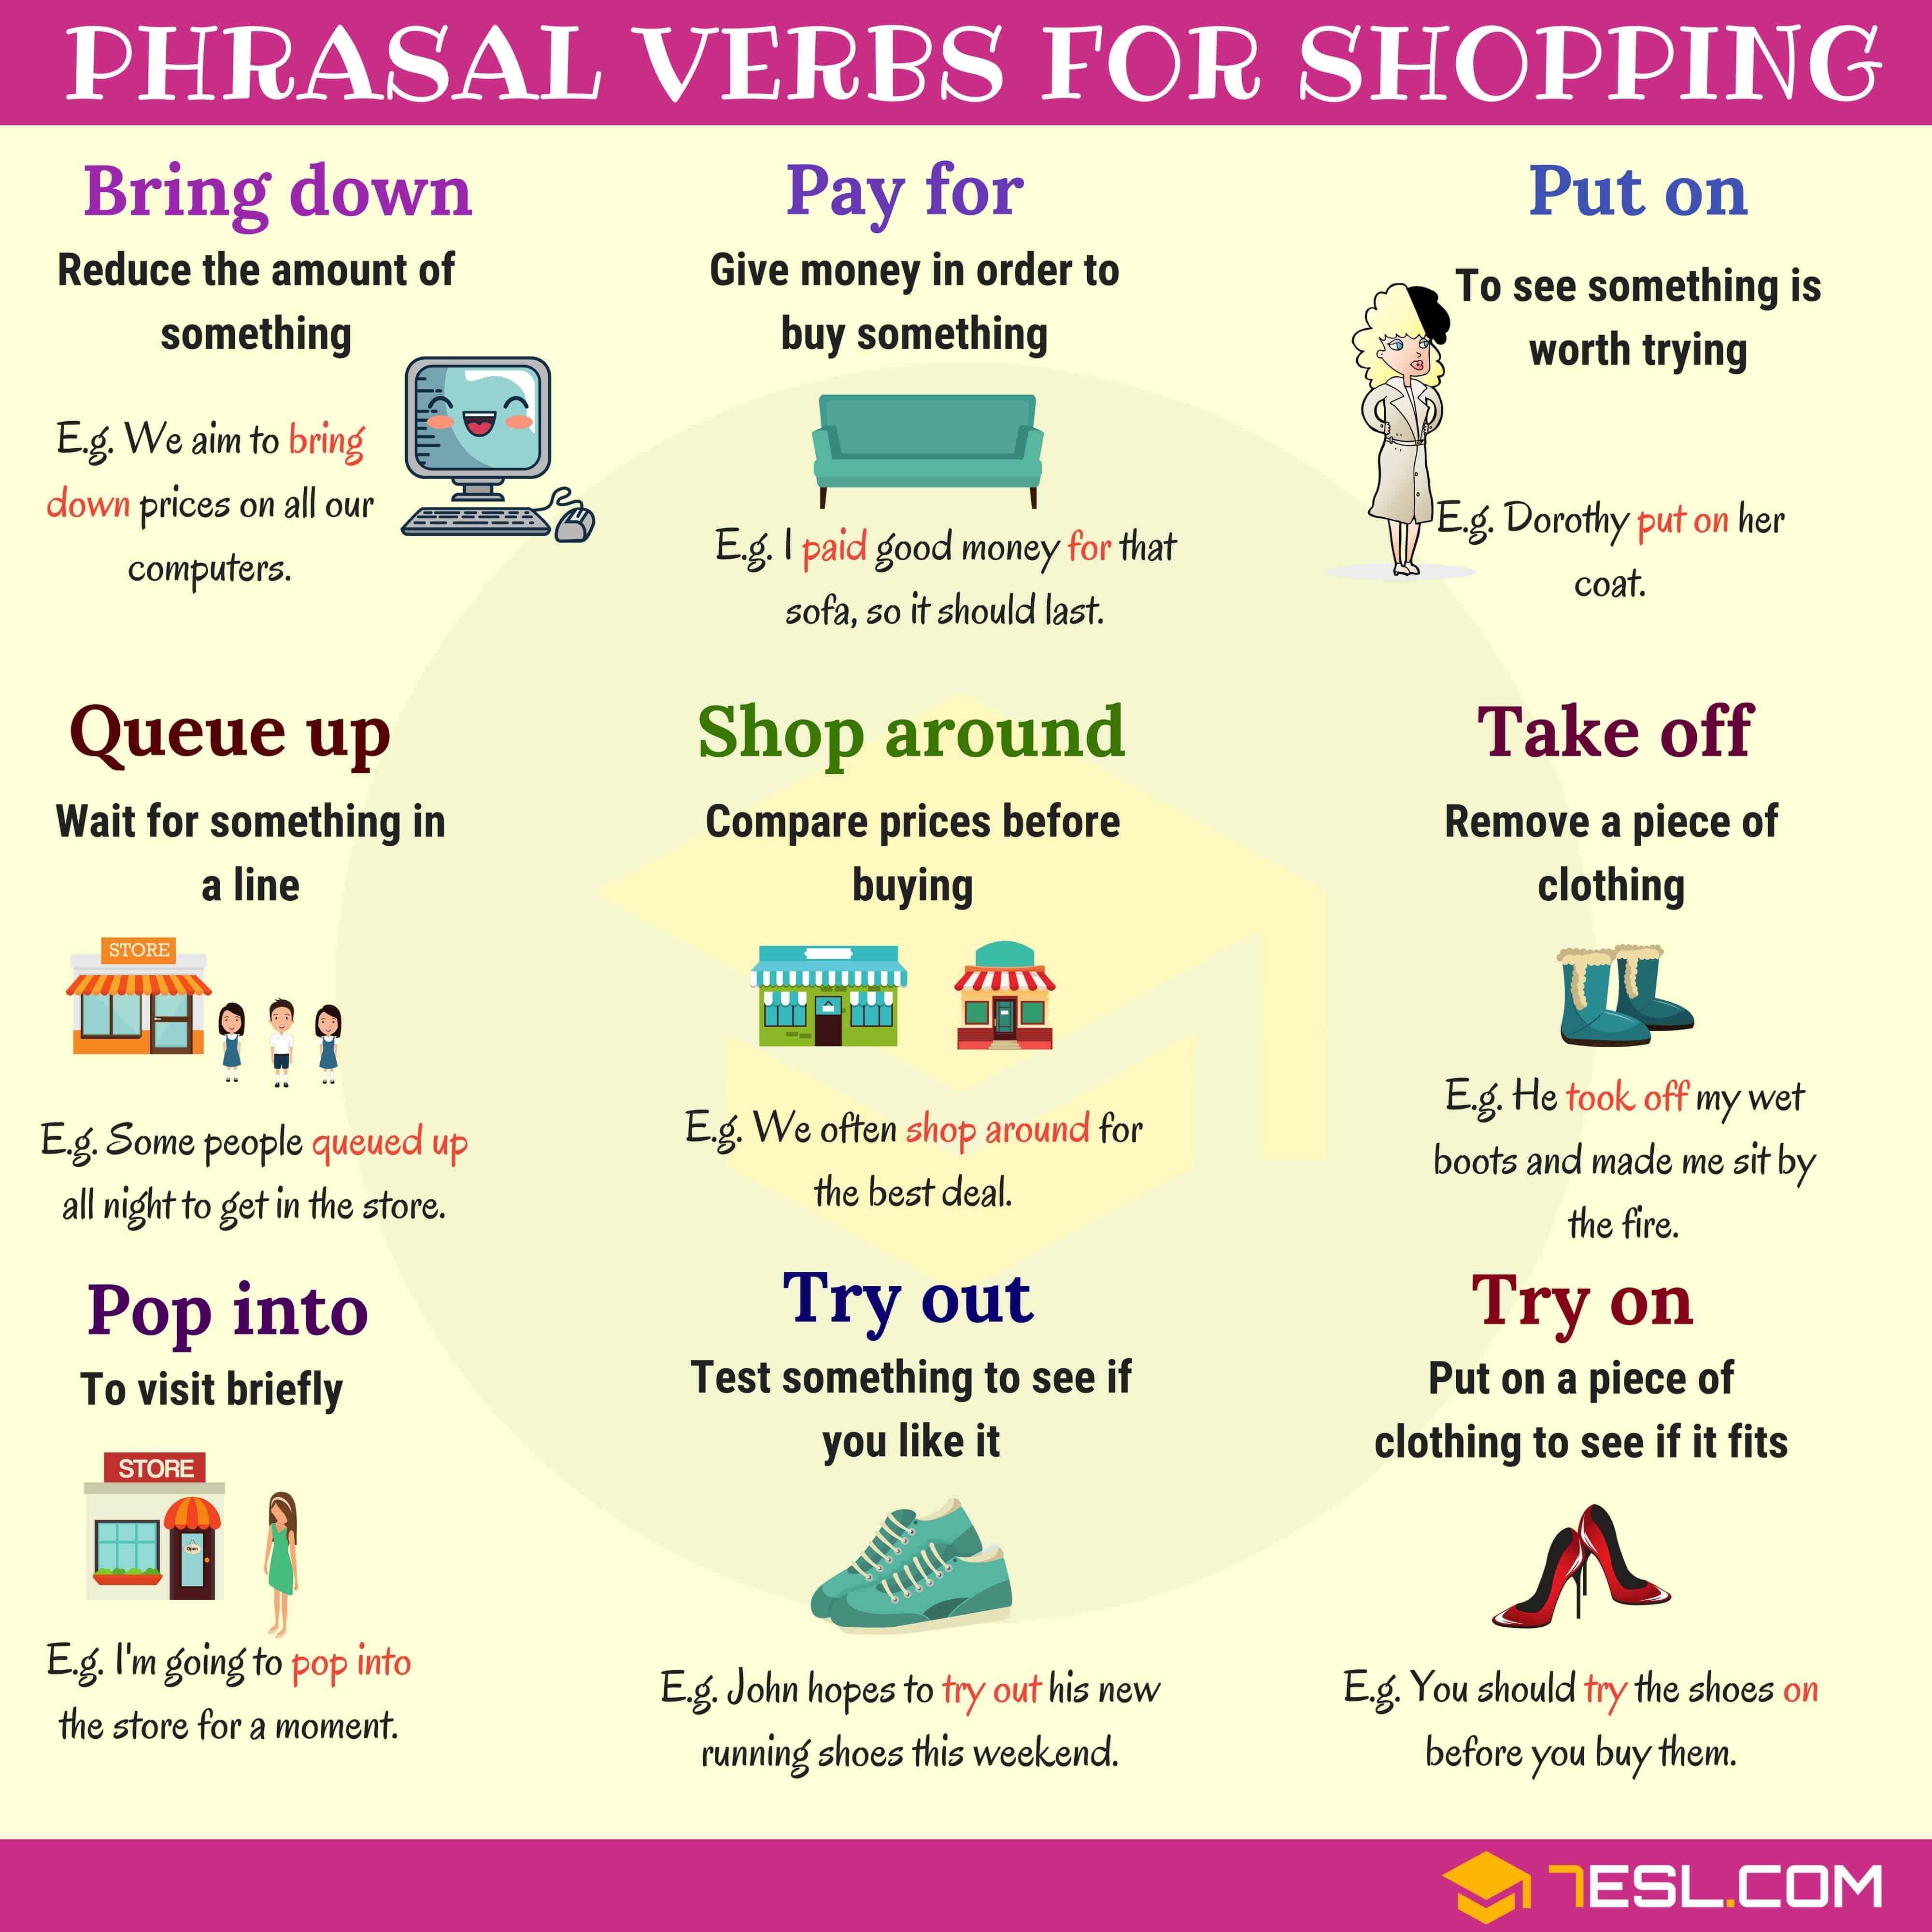 Phrasal Verbs for Shopping